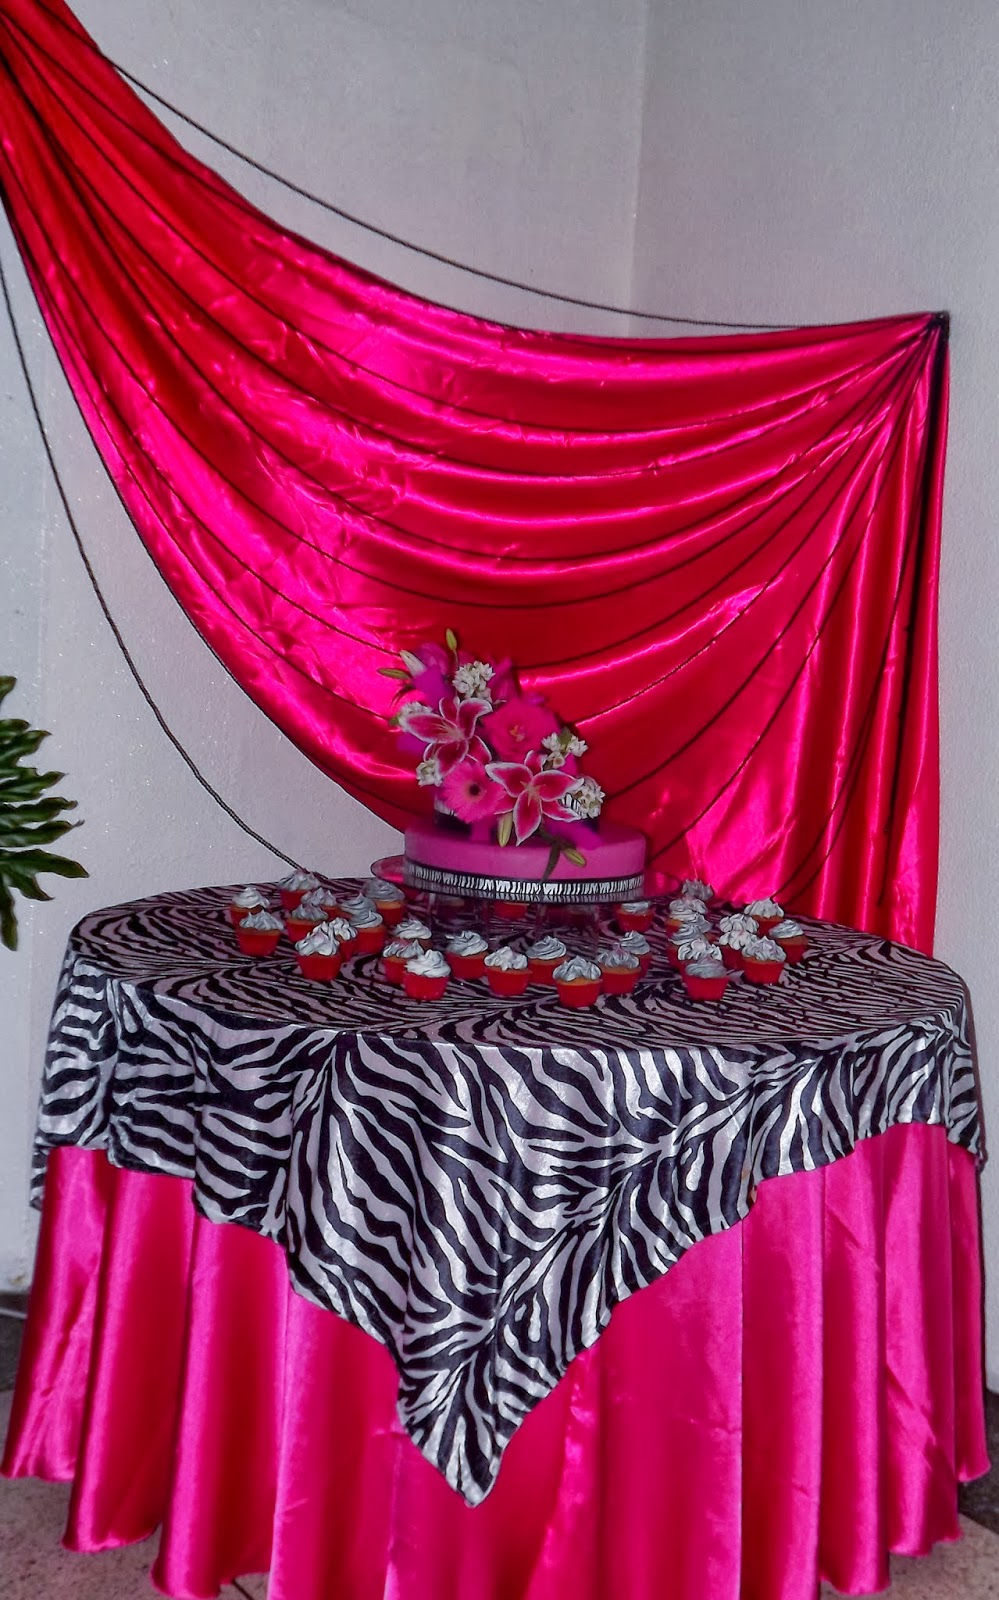 Tortas y Decoraciones: 15 Años Fucsia y Cebra